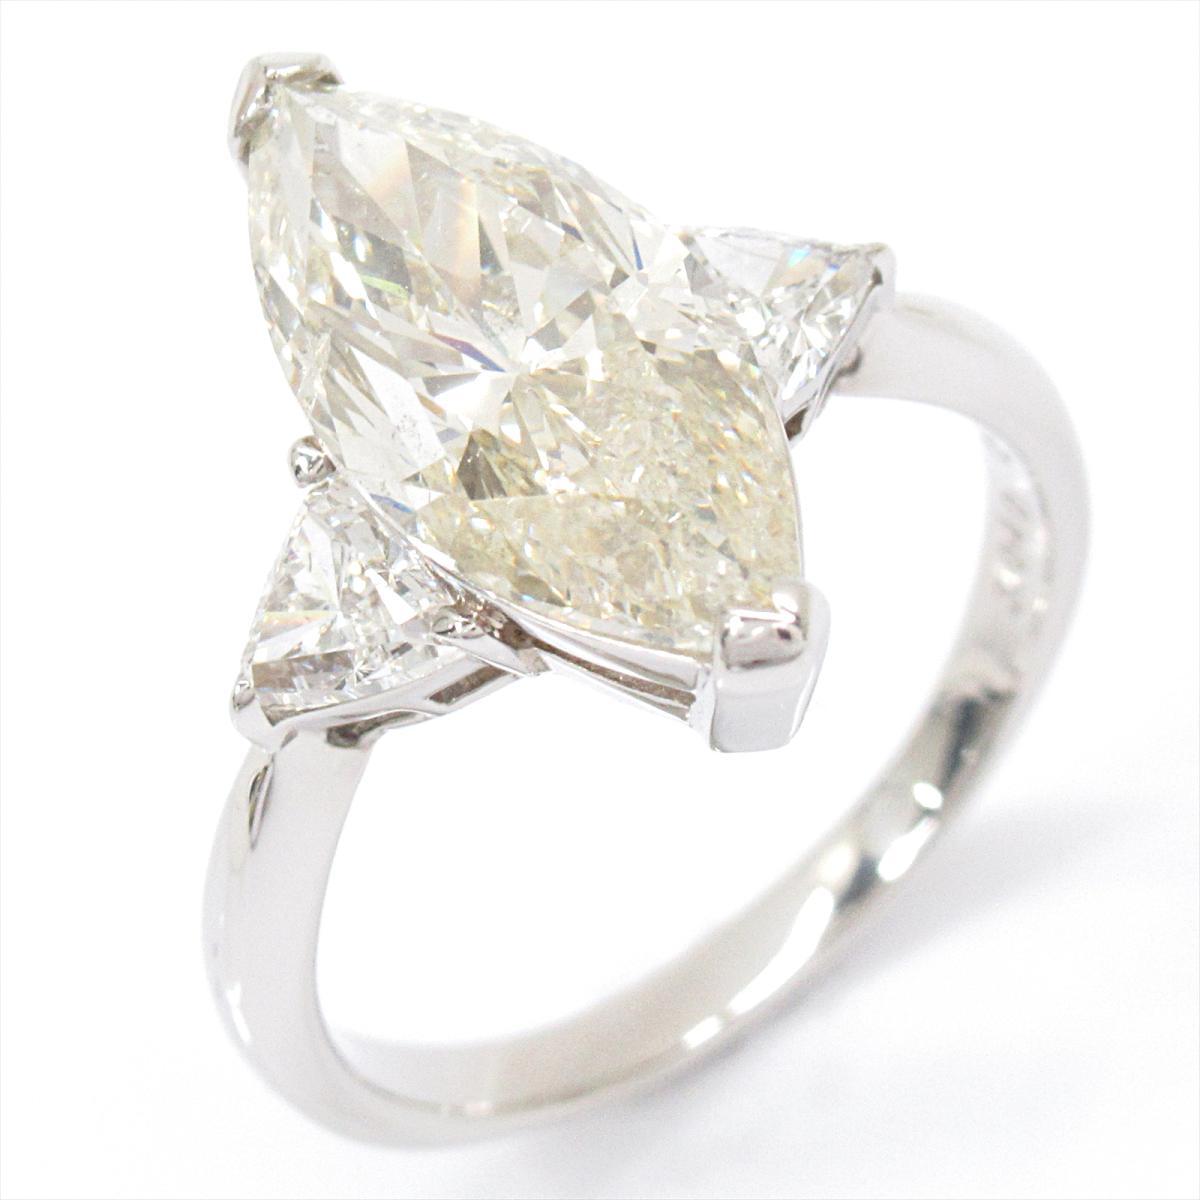 【中古】 ジュエリー ダイヤモンド リング 指輪 レディース PT900 プラチナ x | JEWELRY BRANDOFF ブランドオフ ブランド アクセサリー